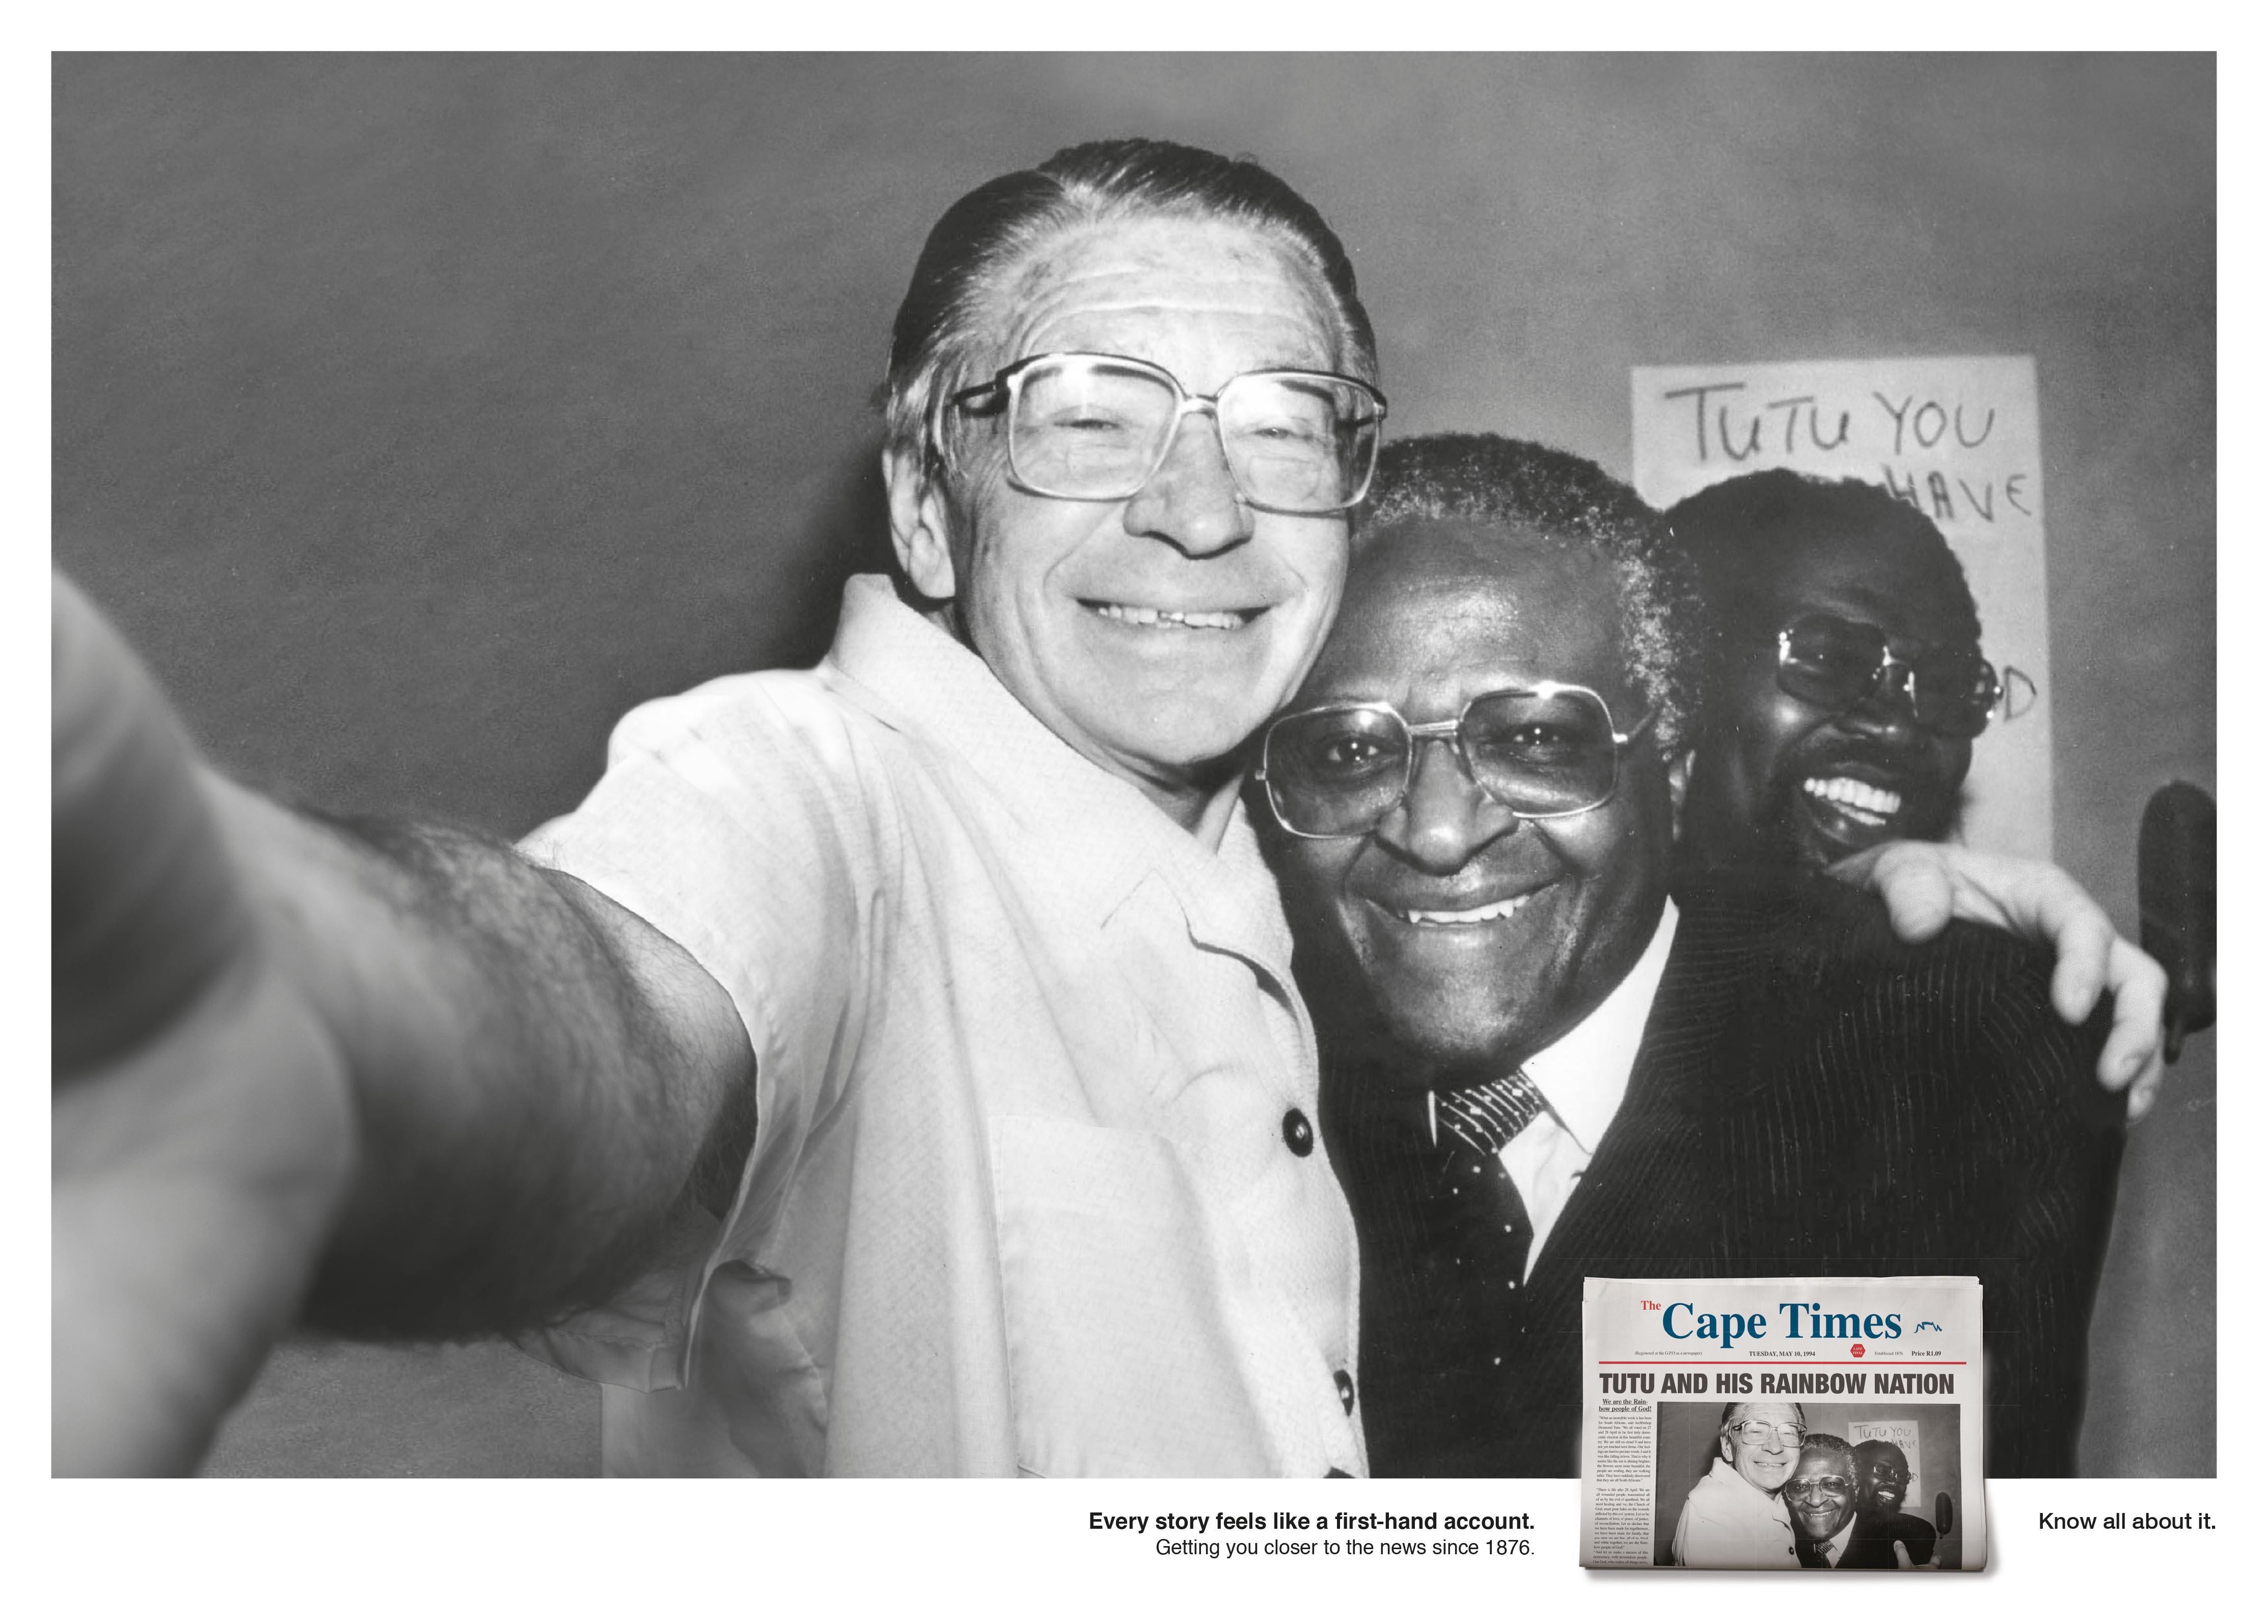 Cape Times - Selfies, Desmond